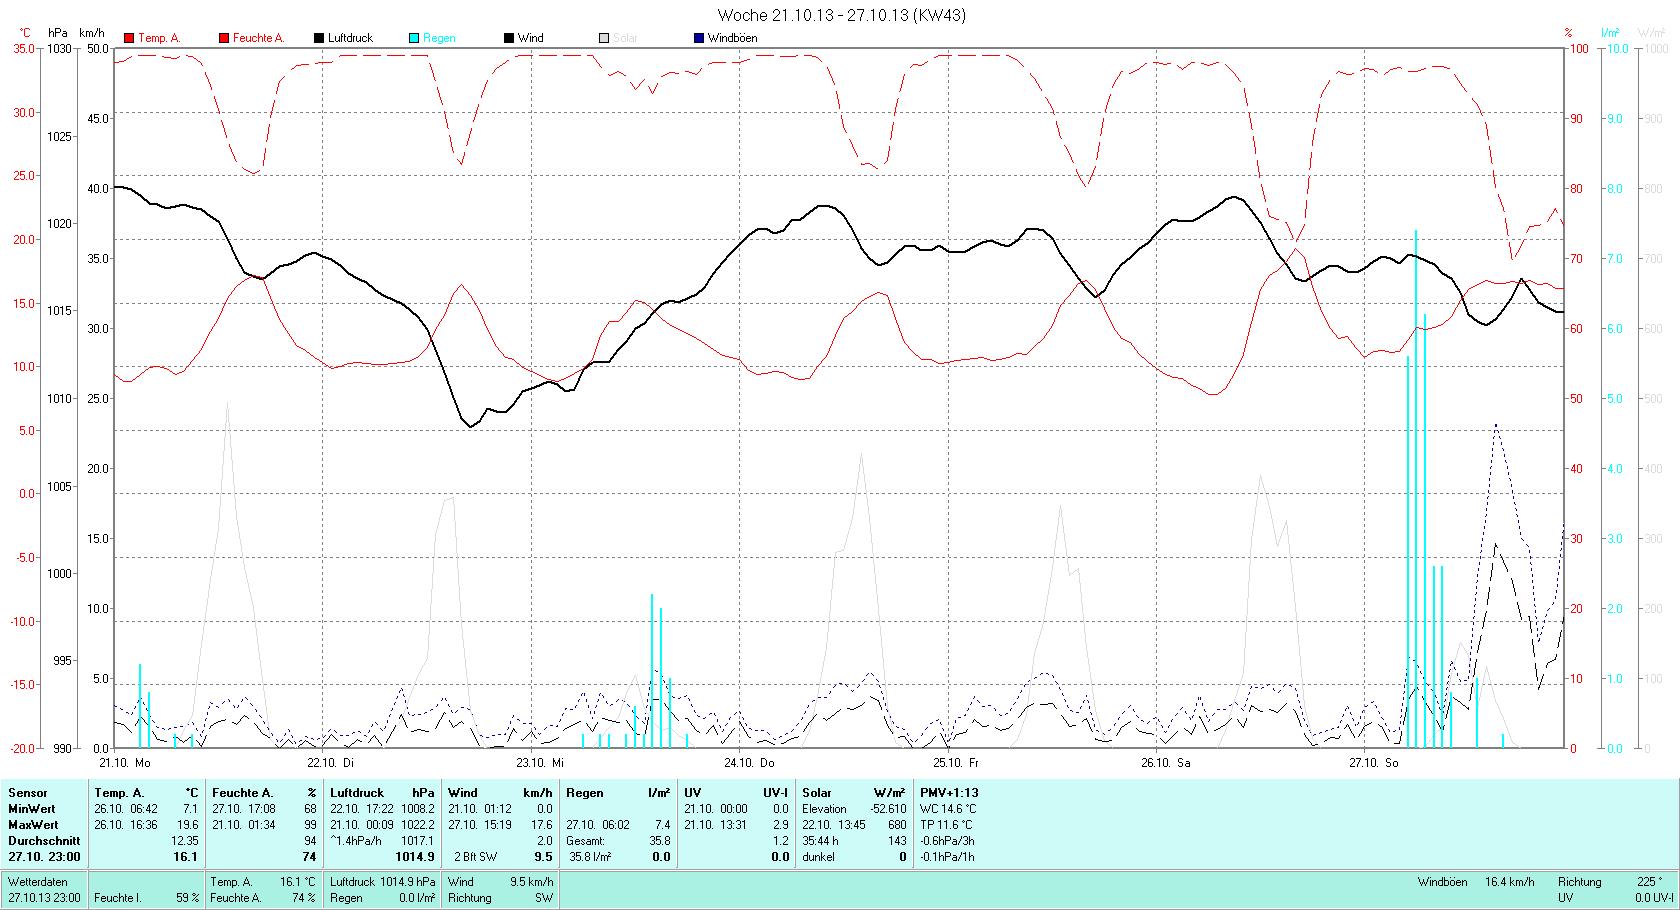 KW 43 Tmin  7.1°C, Tmax 19.6°C, Sonne 25:18h, Niederschlag 35.8mm/2